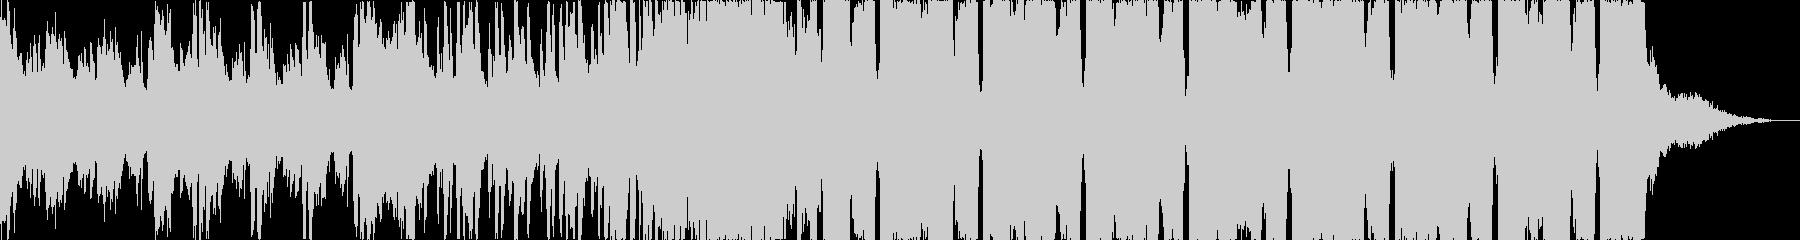 爽やか洋楽チルアウトフューチャーベースbの未再生の波形